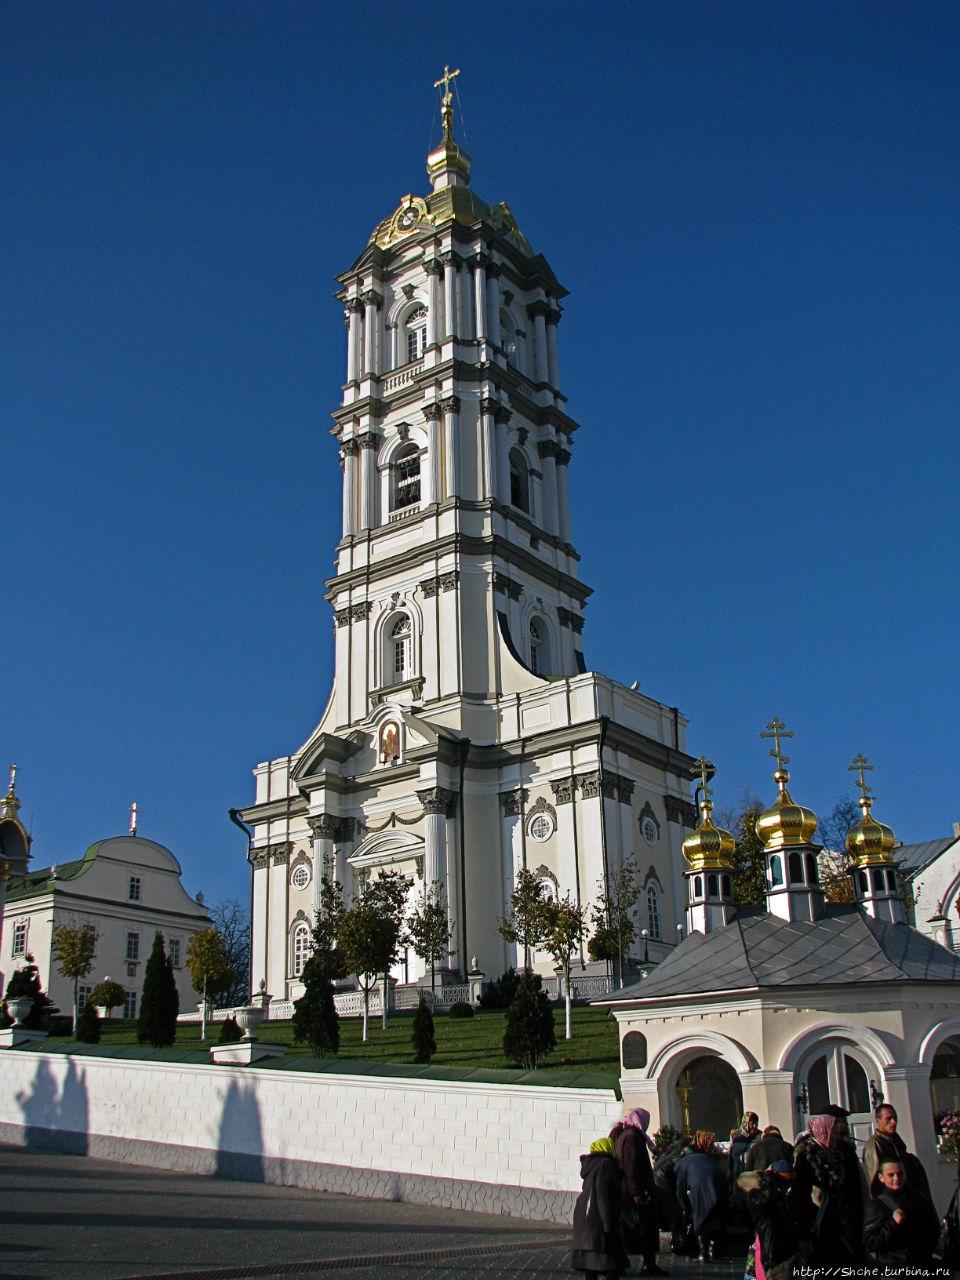 Пятиярусная колокольня, высота 65 метров